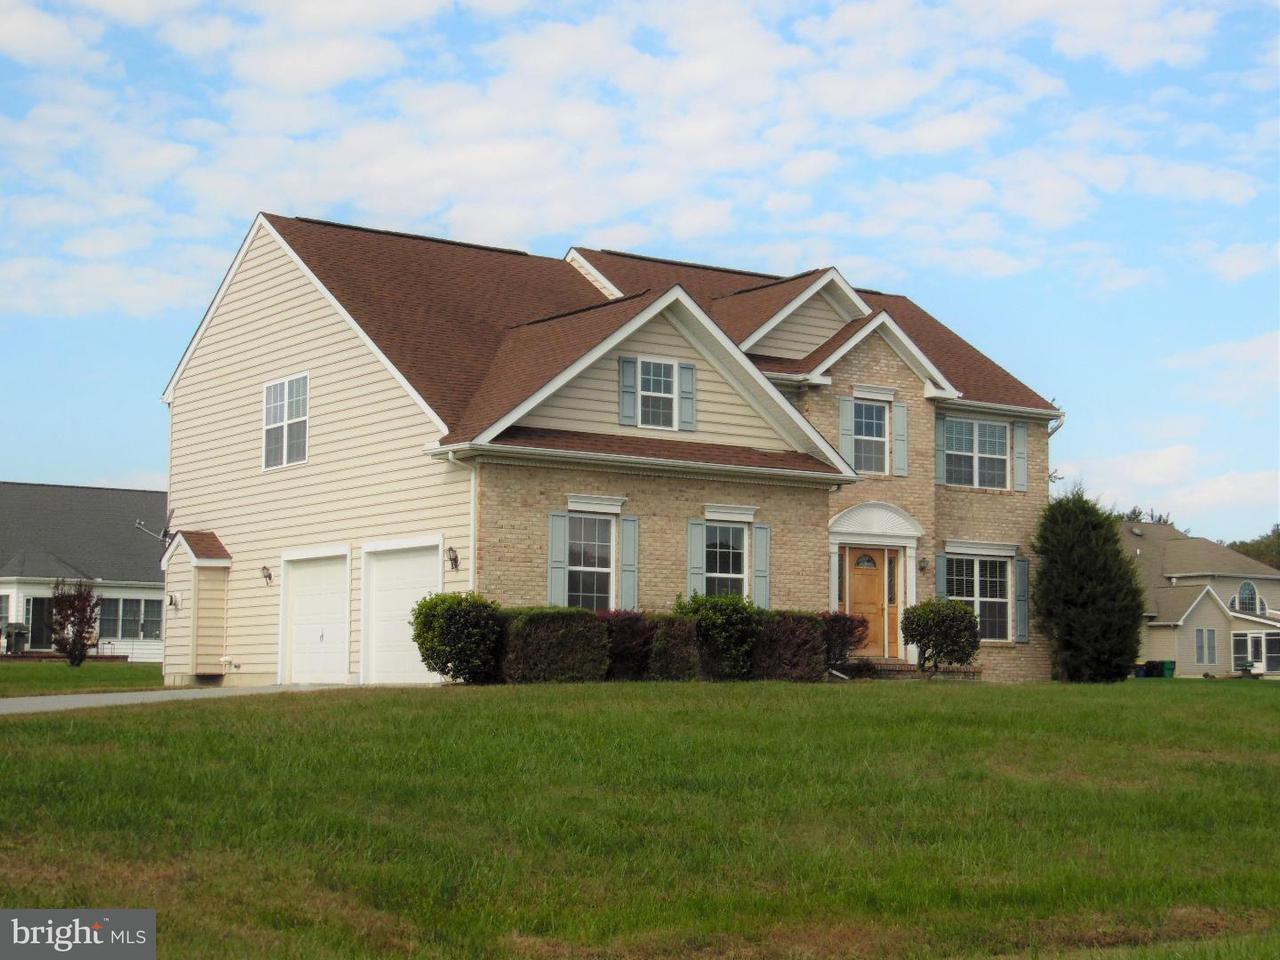 Casa Unifamiliar por un Alquiler en 207 PUTTER WAY Camden, Delaware 19934 Estados Unidos